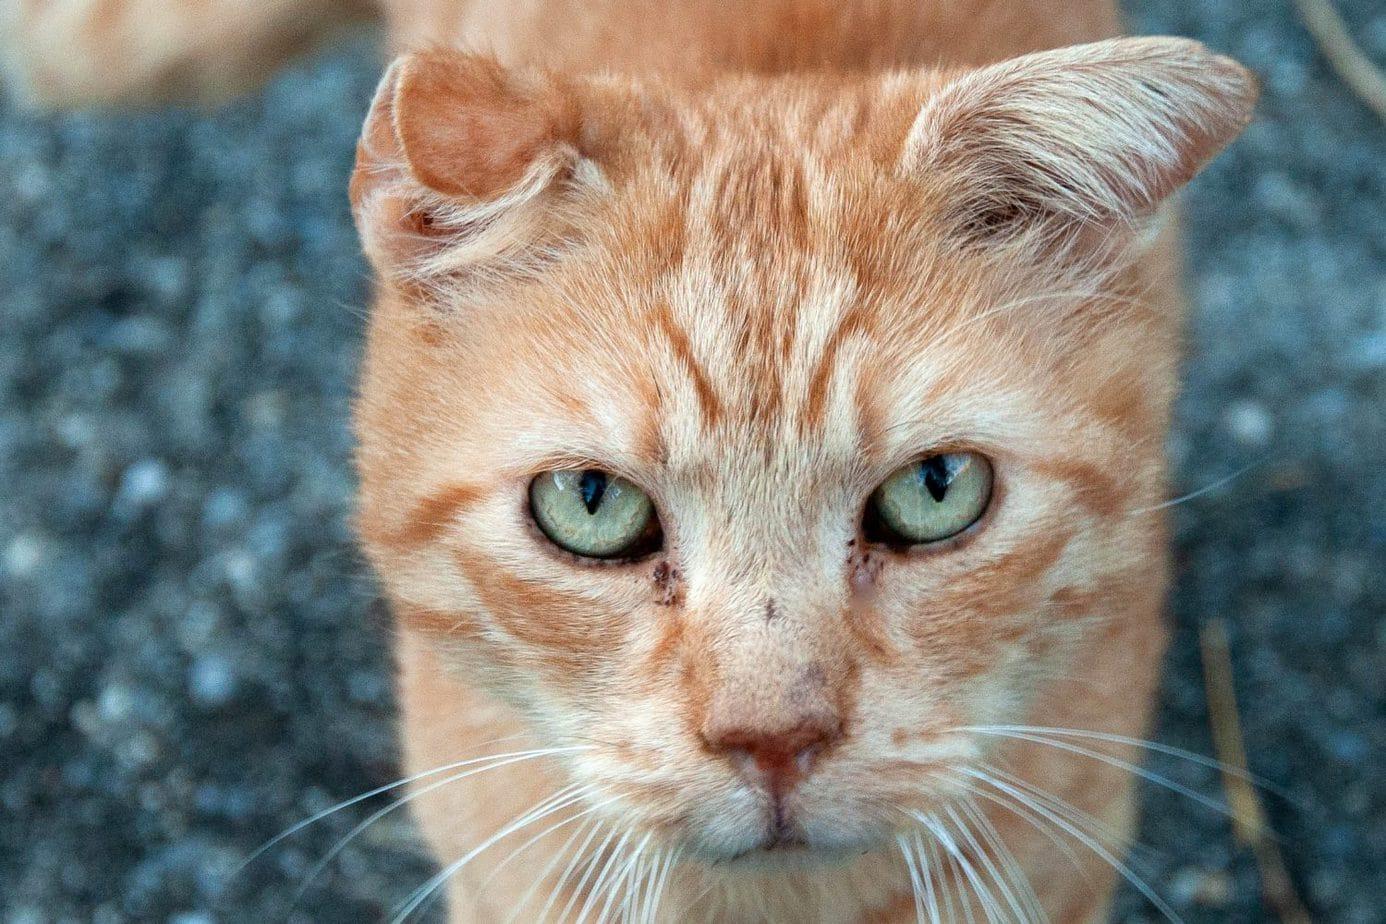 Cauliflower ear in cats